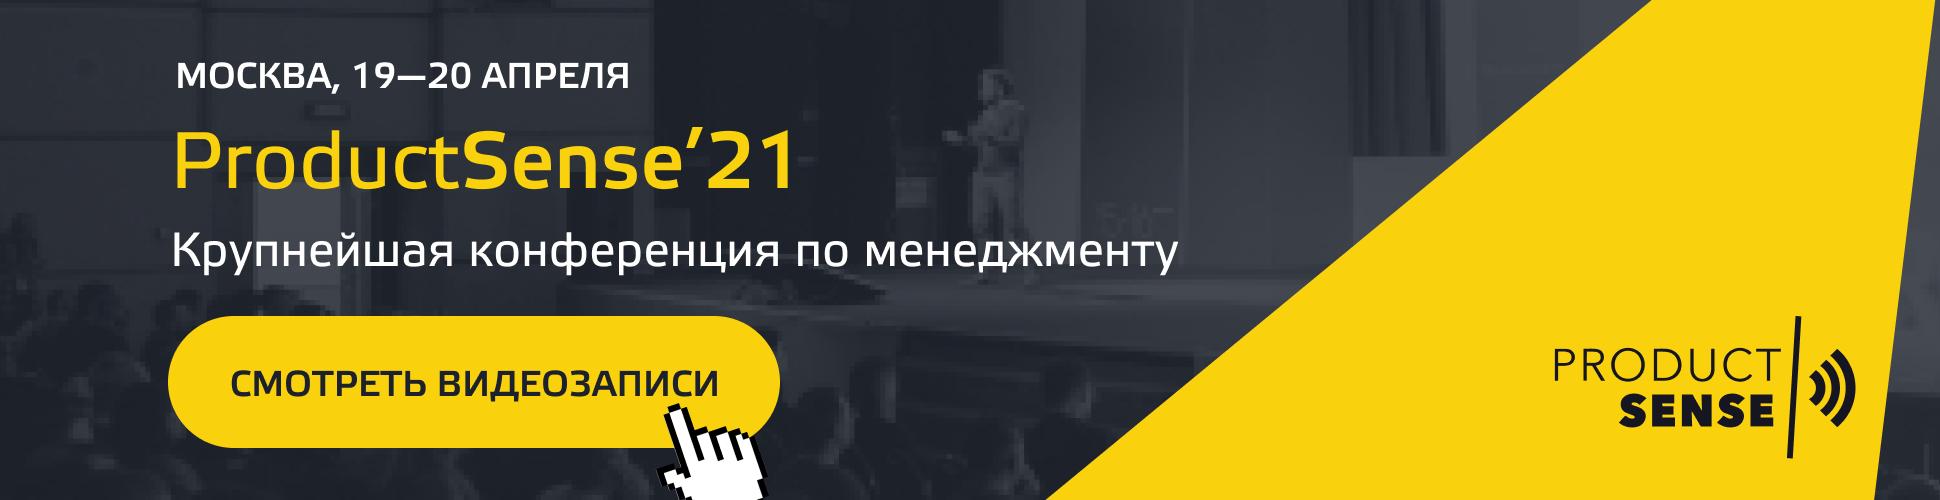 Смотреть ProductSense'21